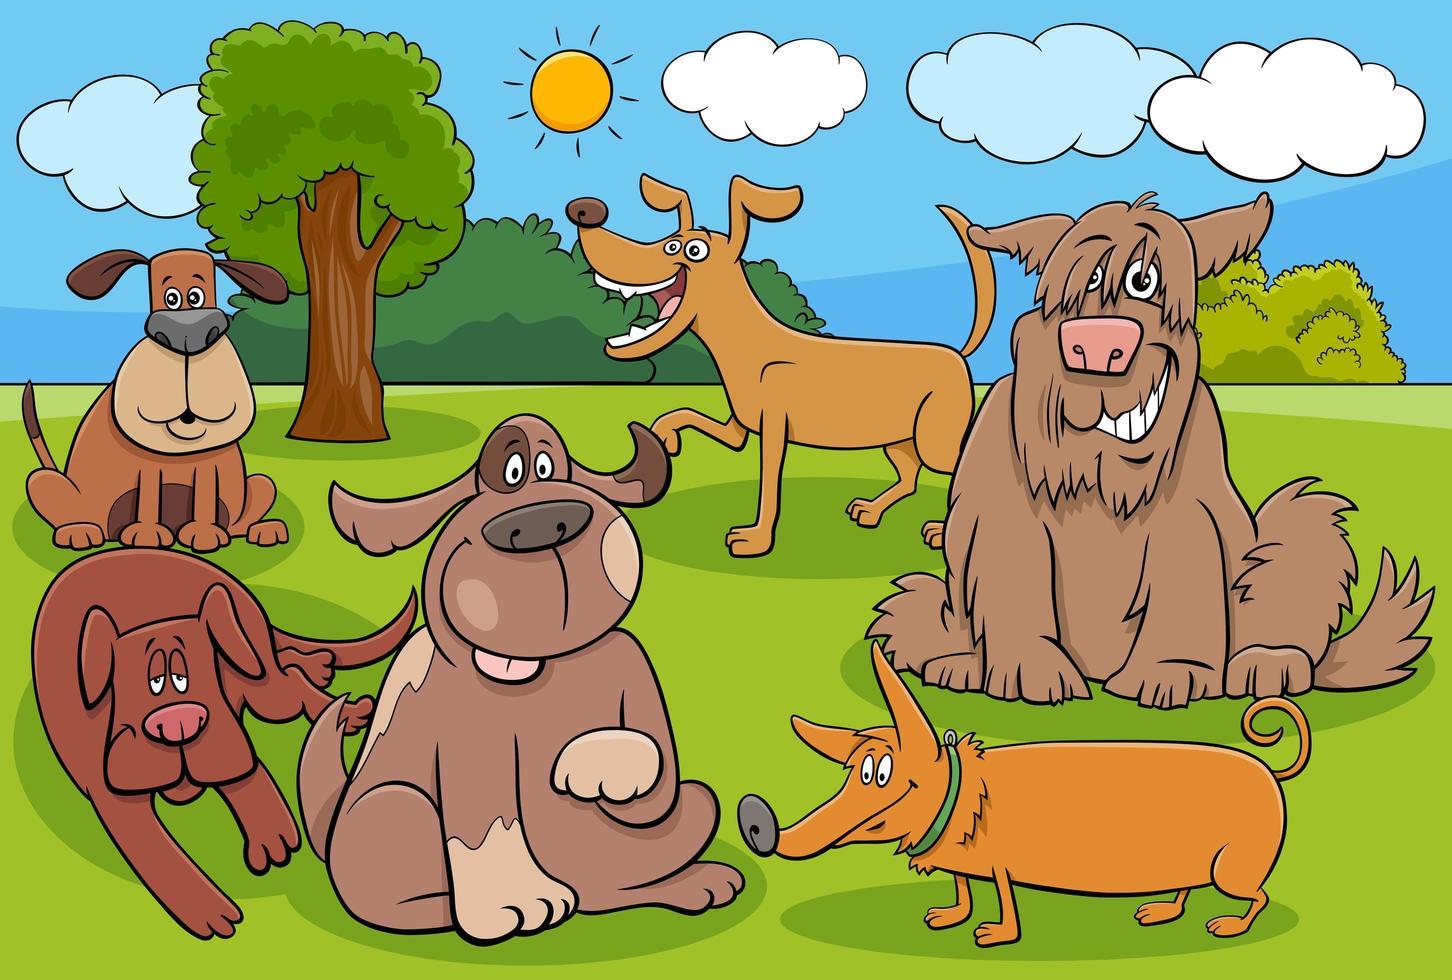 gruppo di personaggi divertenti di cani e cuccioli dei cartoni animati vettore